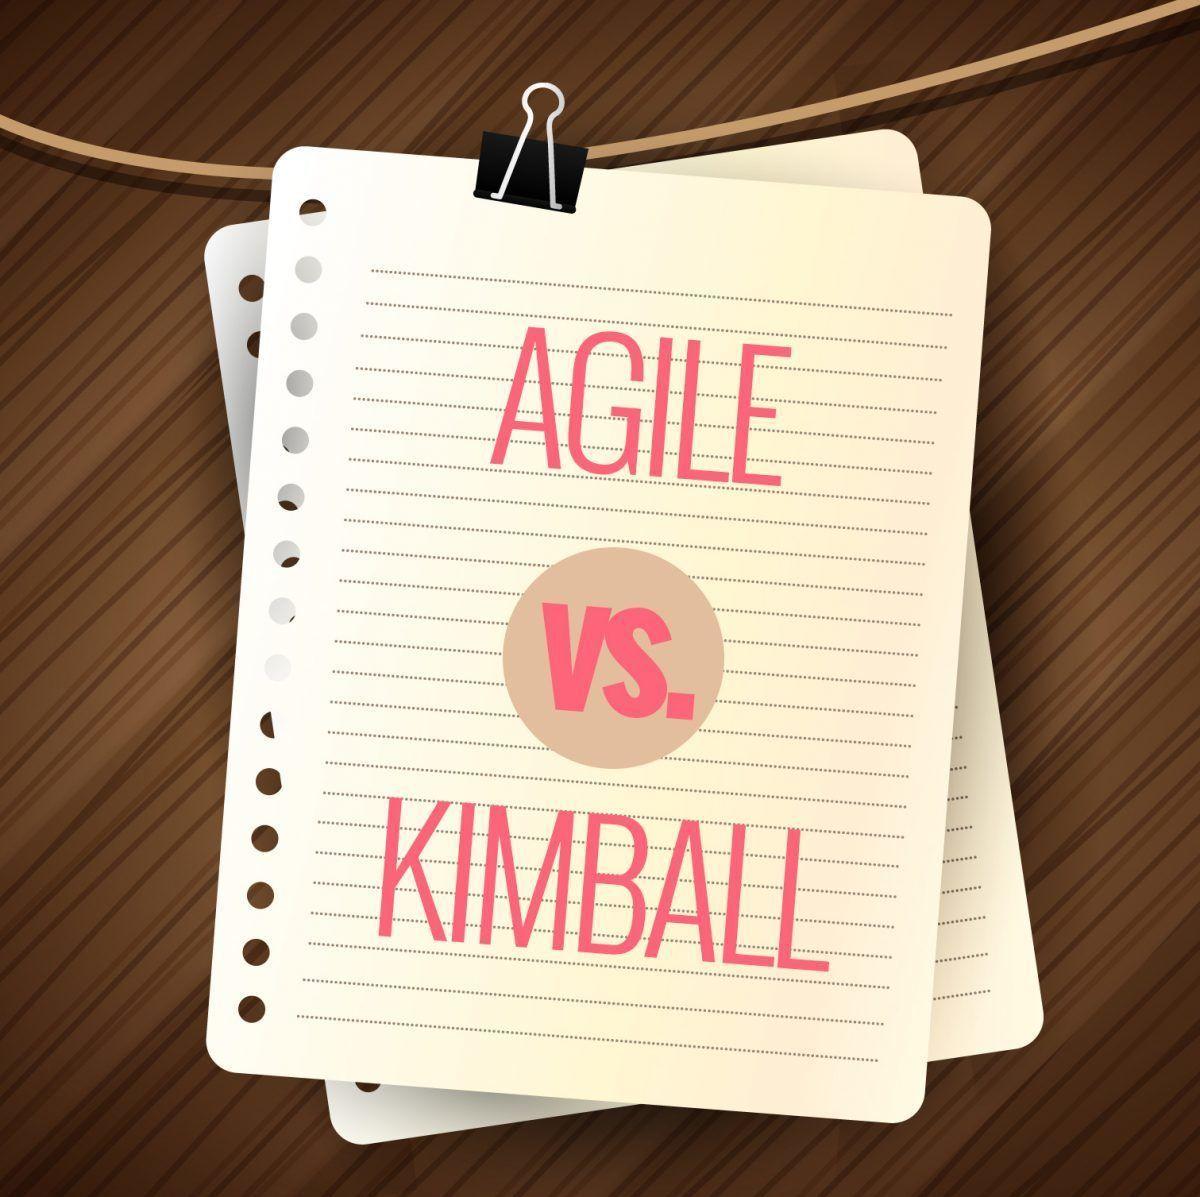 Metodología Agile y las técnicas de modelado dimensional de Kimball